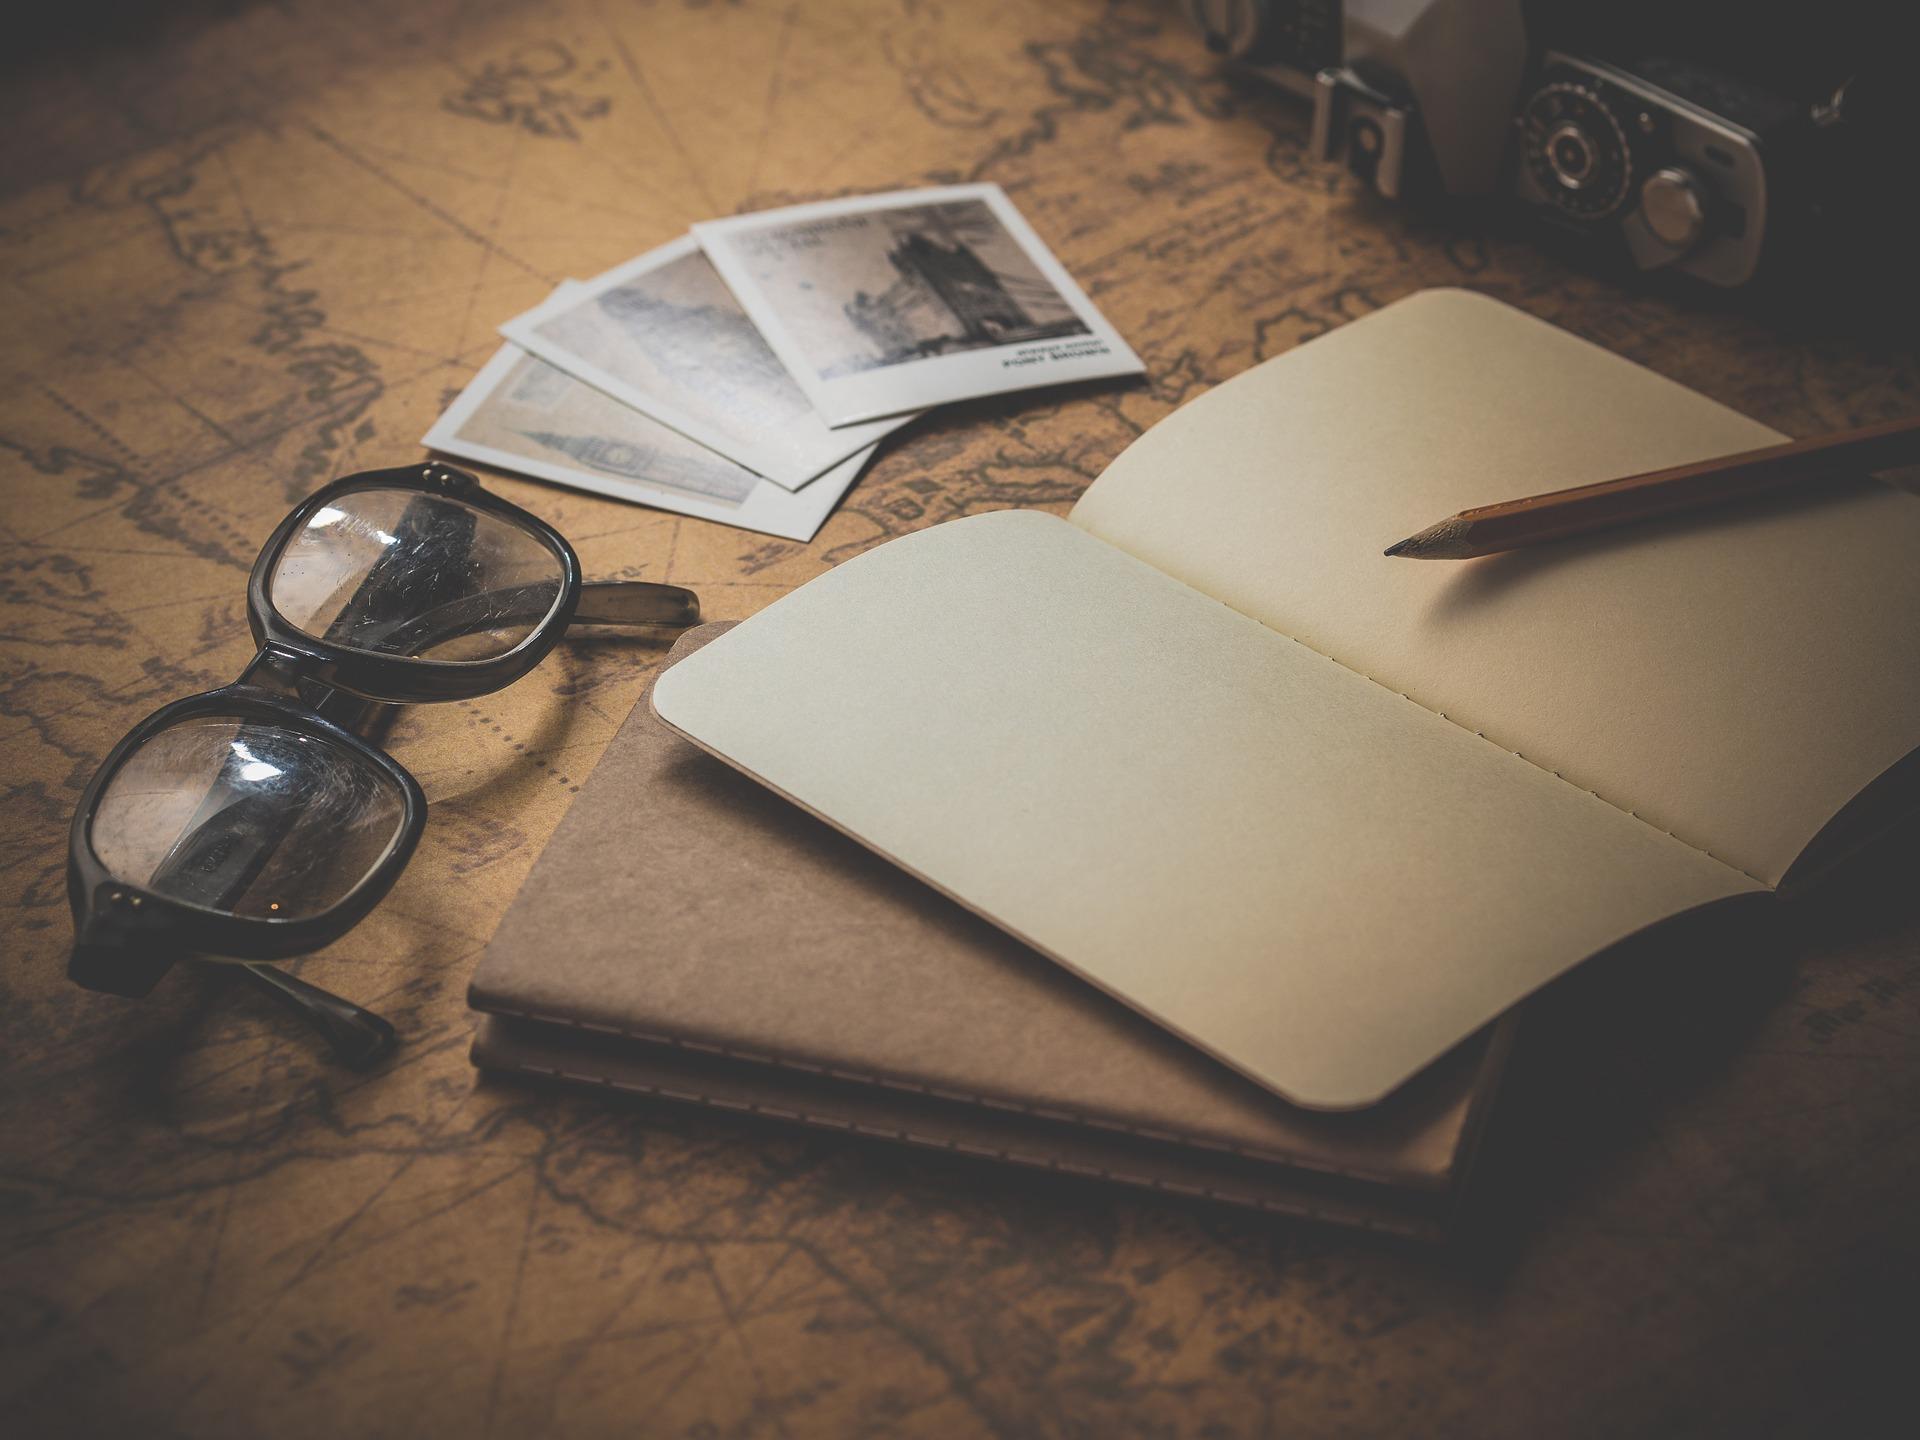 um an geld zur finanzierung der reise zu kommen sollte man haushaltsbuch führen